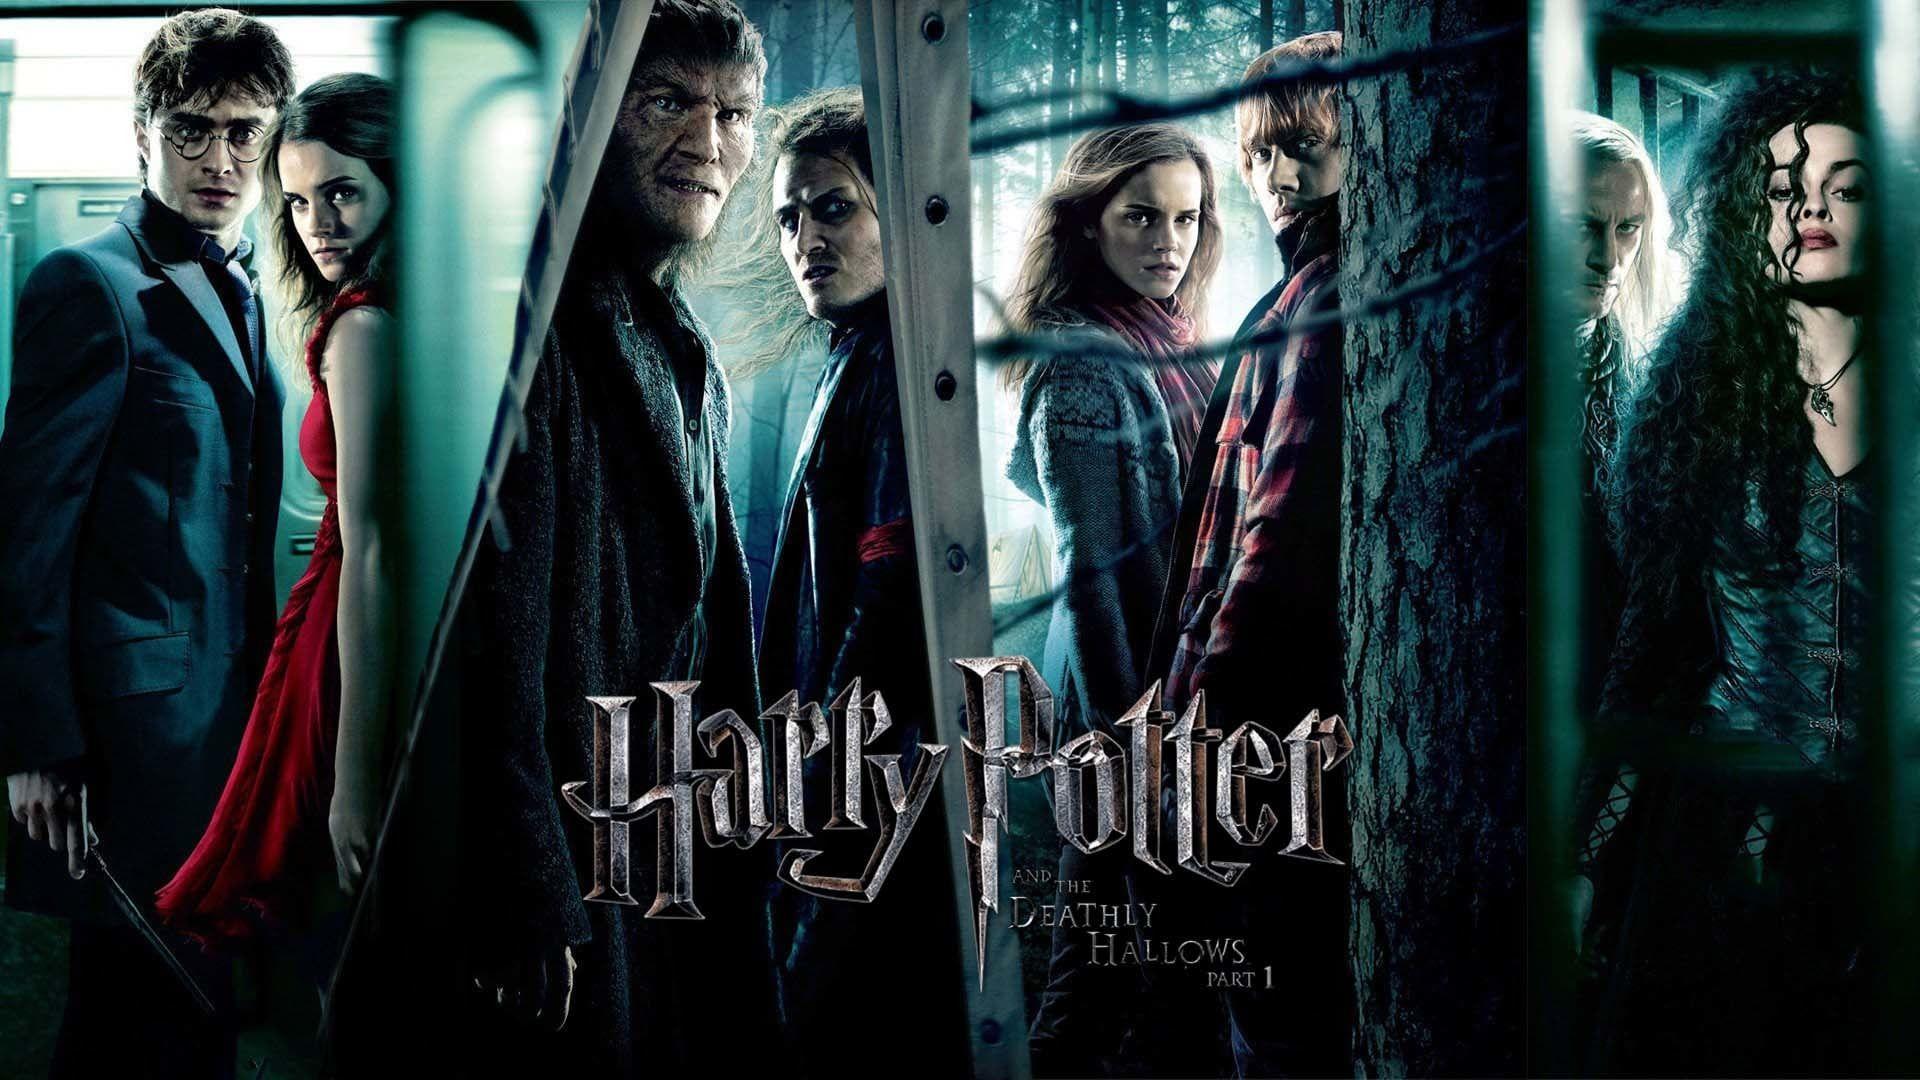 Harry Potter Et Les Reliques De La Mort 1ere Partie 2010 Stream Film Complet Vf Francais L Heiligtumer Des Todes Harry Potter Bildschirmhintergrund Voldemort